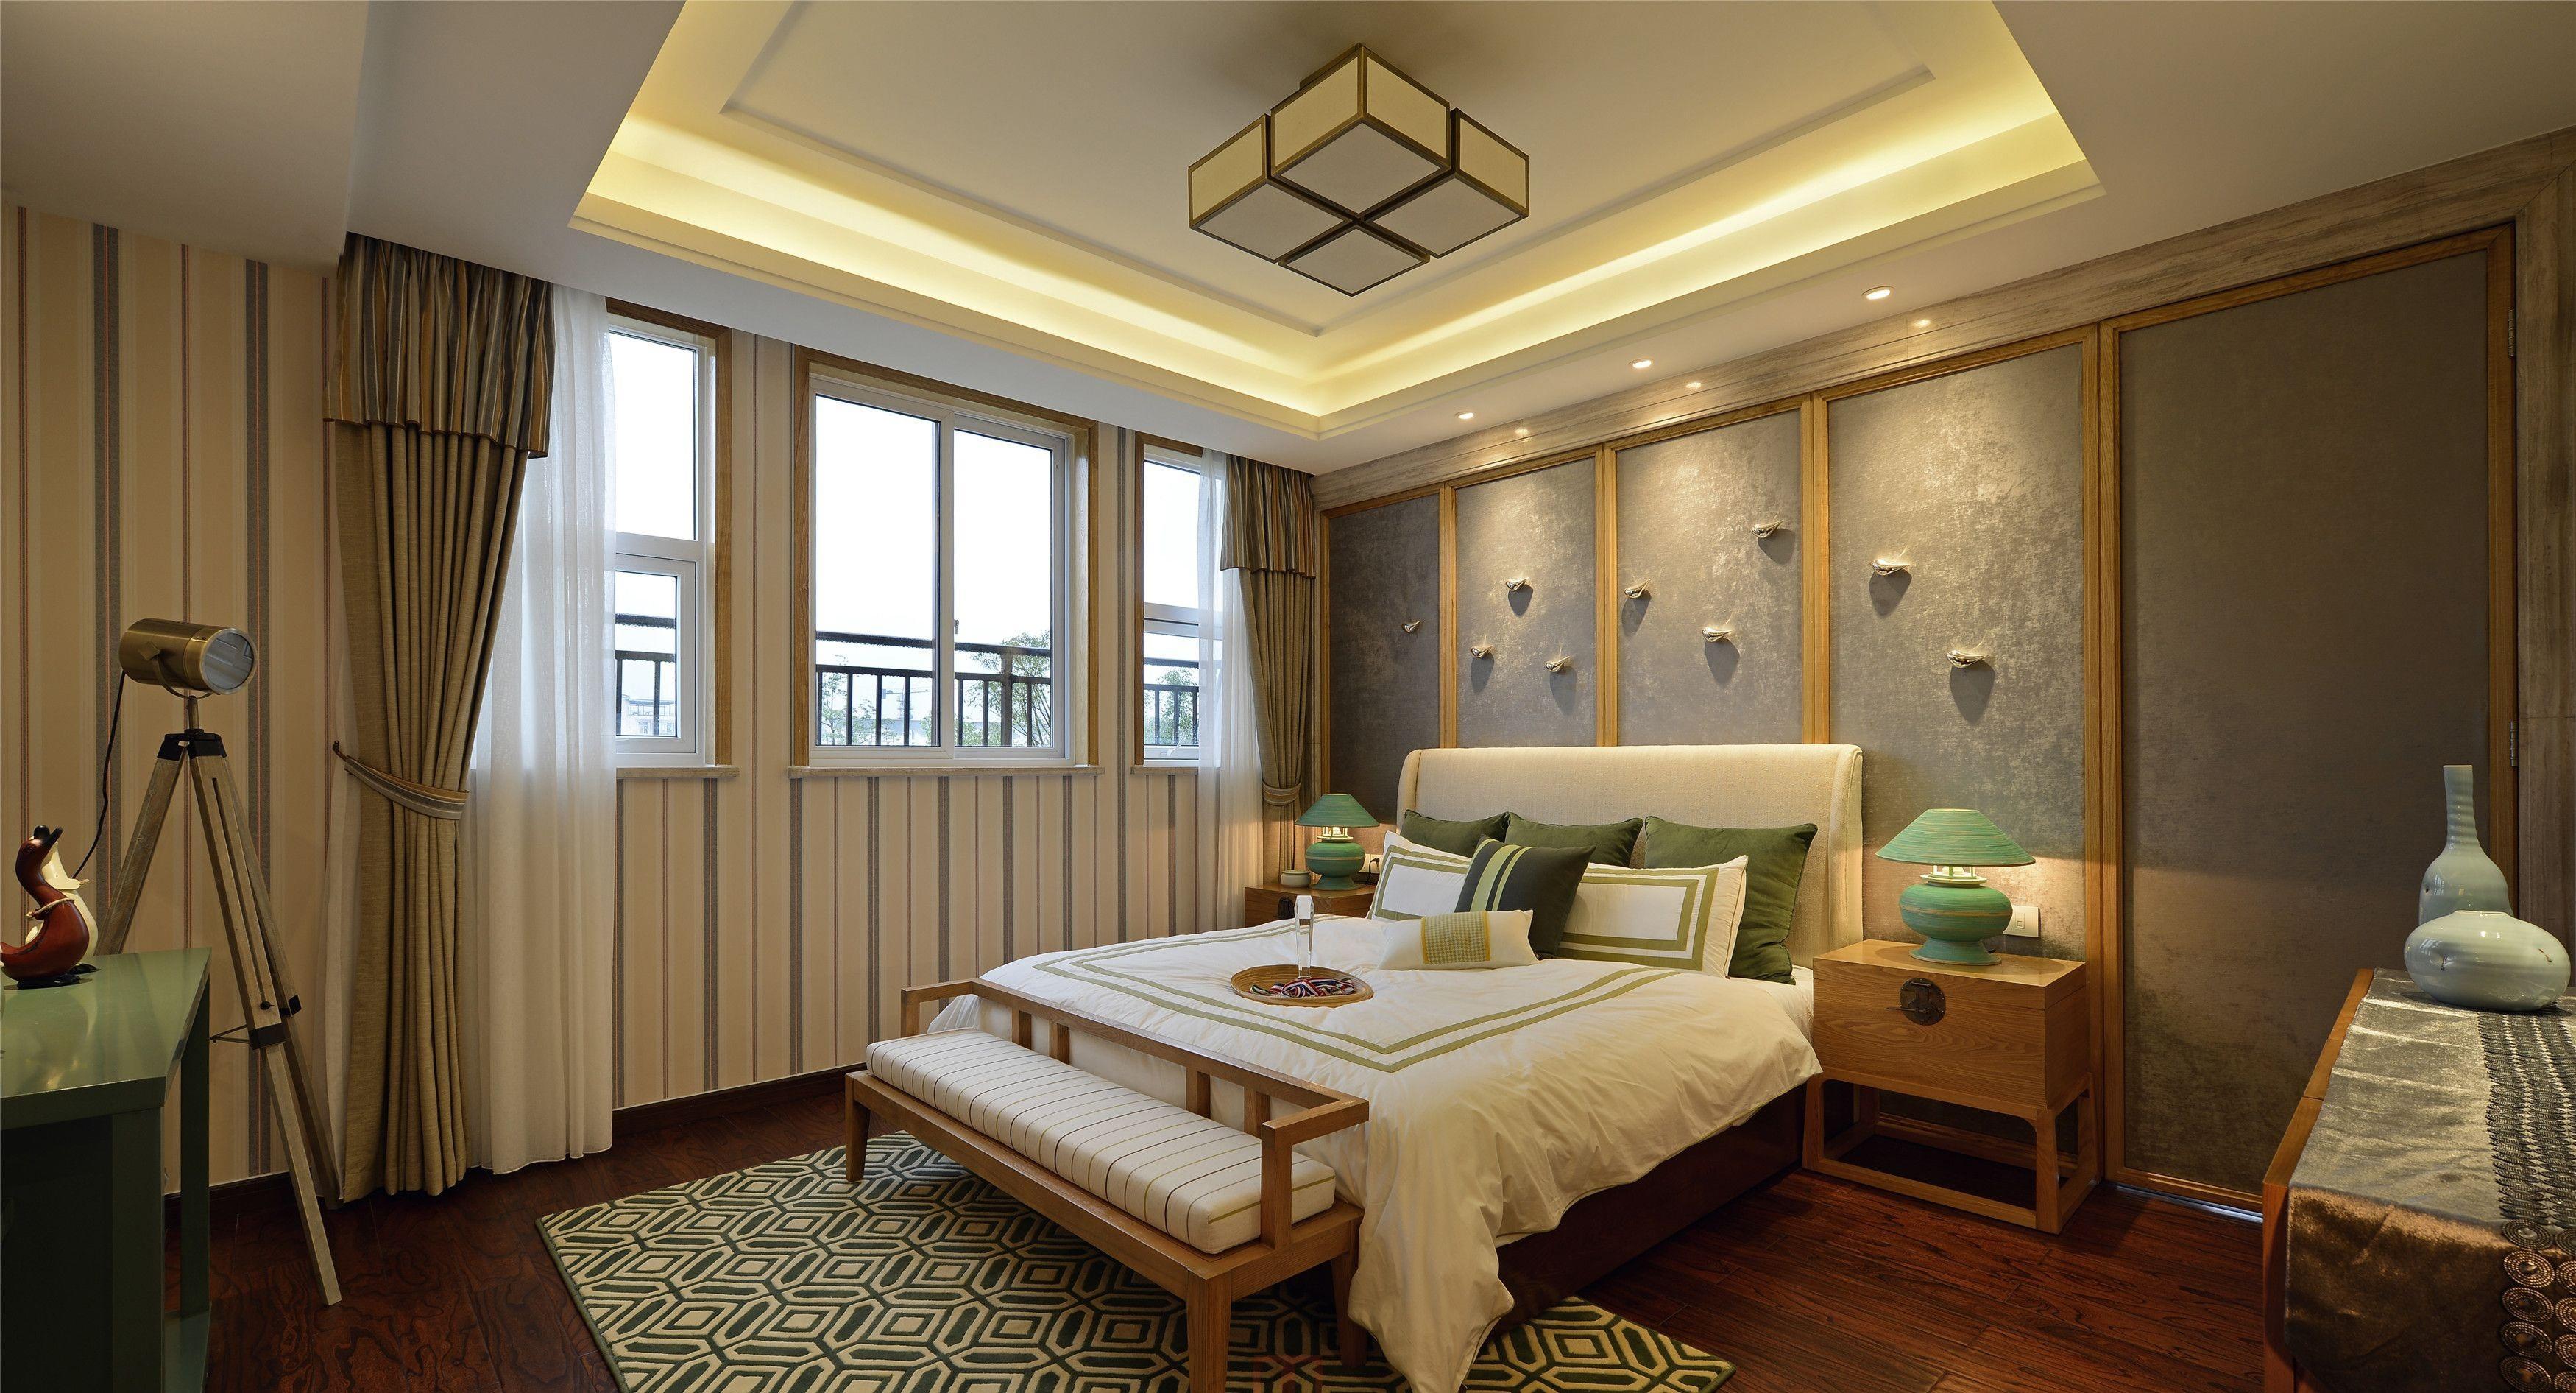 新中式卧室设计装饰效果图